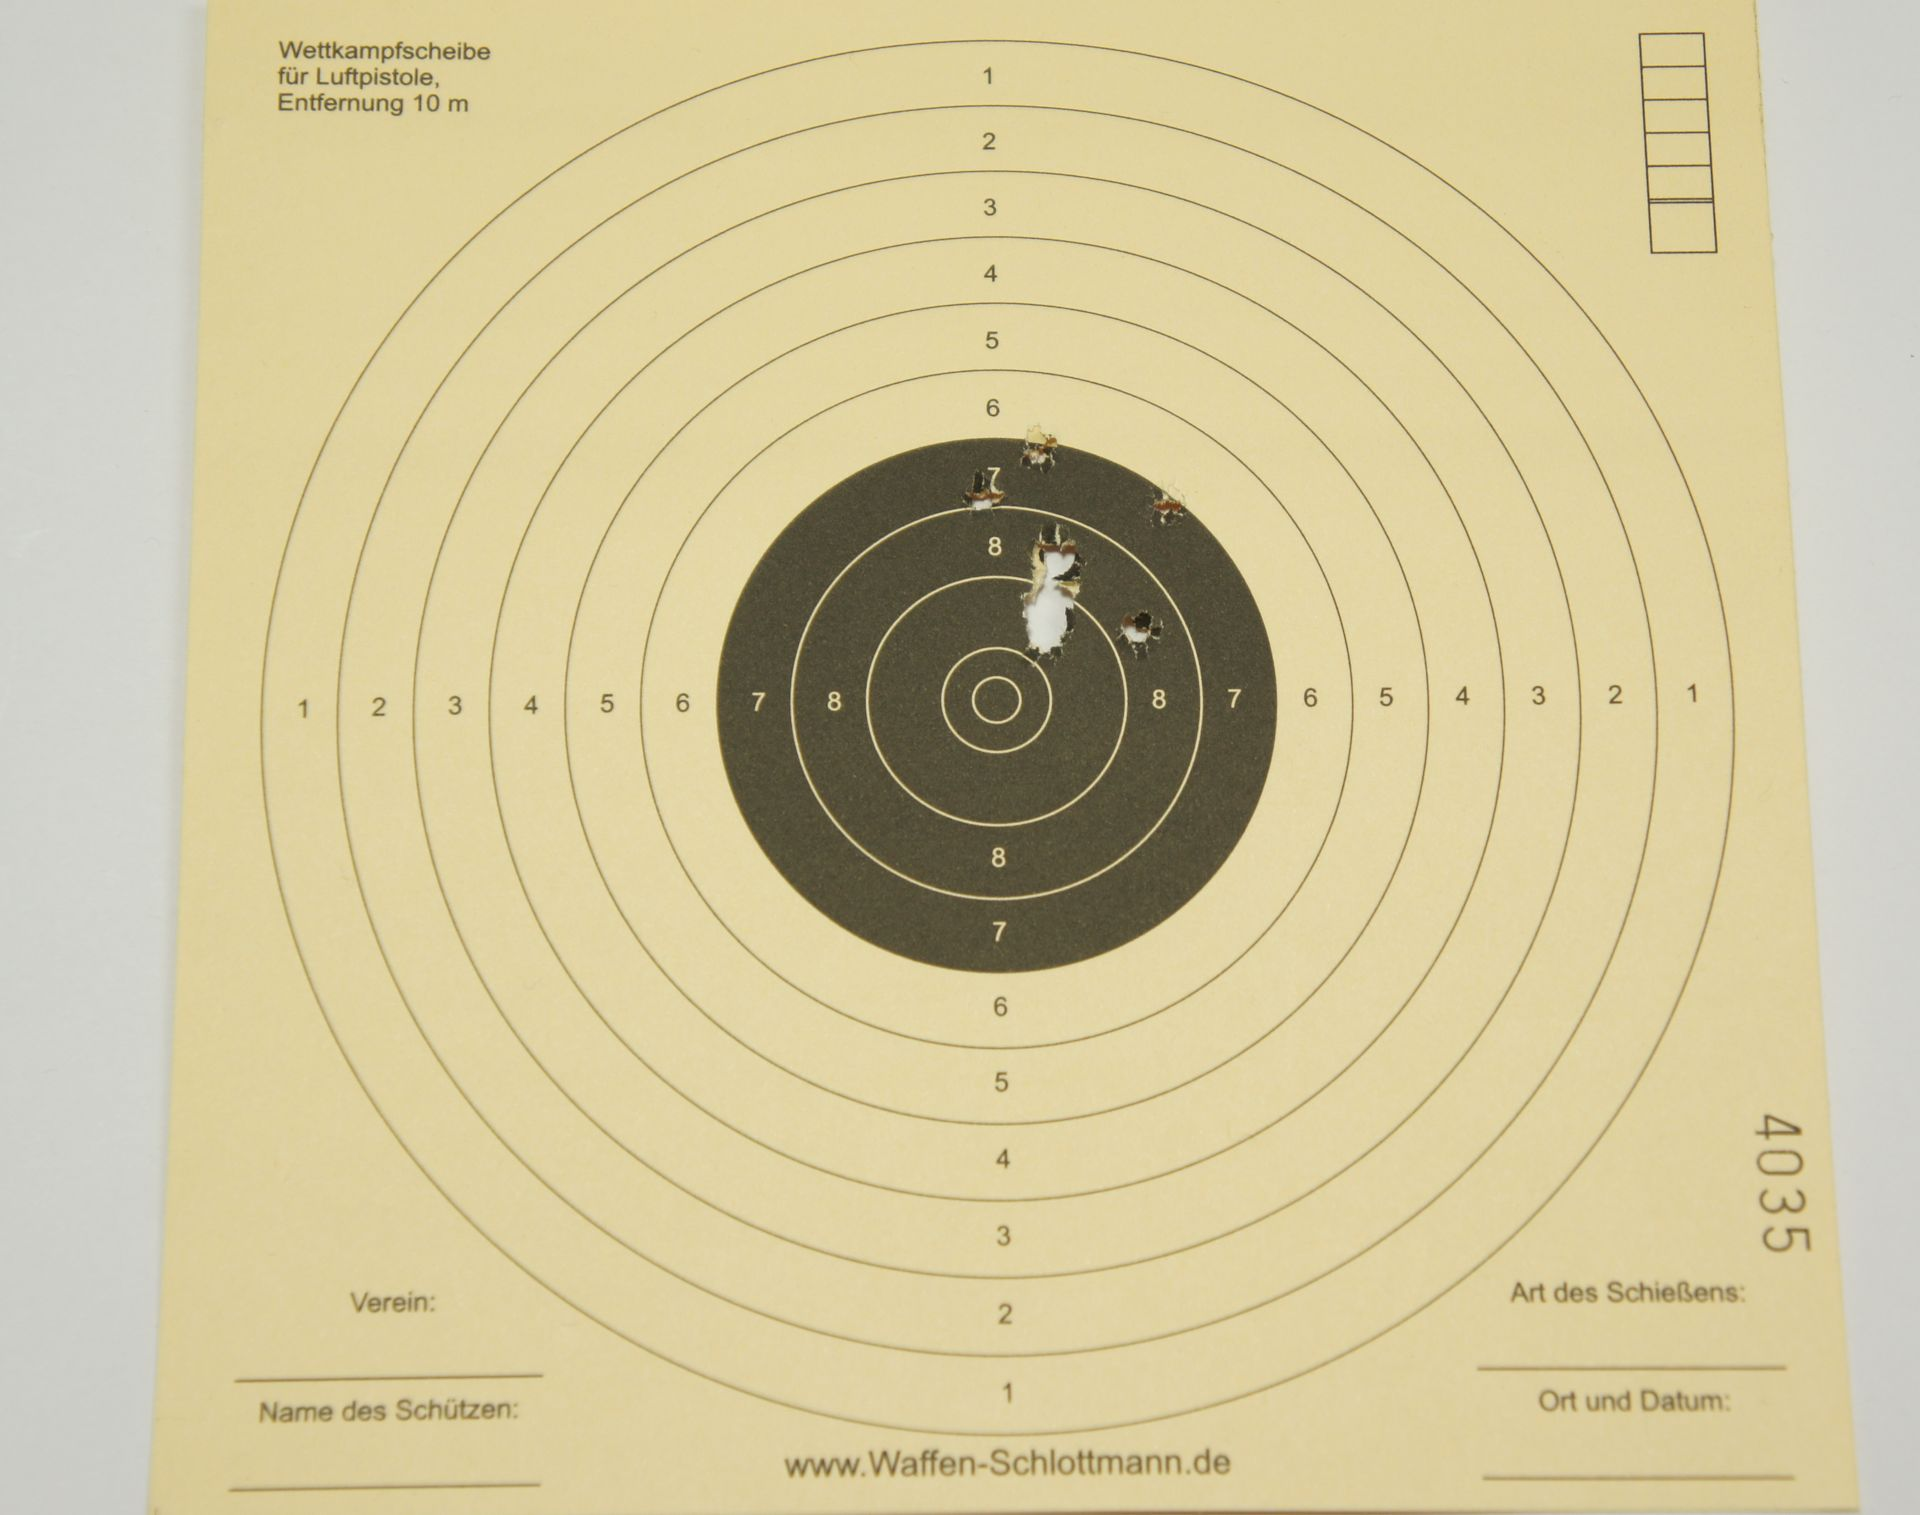 Hier sehen Sie mein Trefferbild auf 10m mit 10 Schuß <a href=1172019.htm>H&N Baracuda Match</a> aus so einer Luftpistole mit montiertem Red Dot. Wenn ich meine Ideen planmäßig umsetzen kann, wird es demnächst (Mitte 2015) eine spezielle Ausführung der Pistole geben.